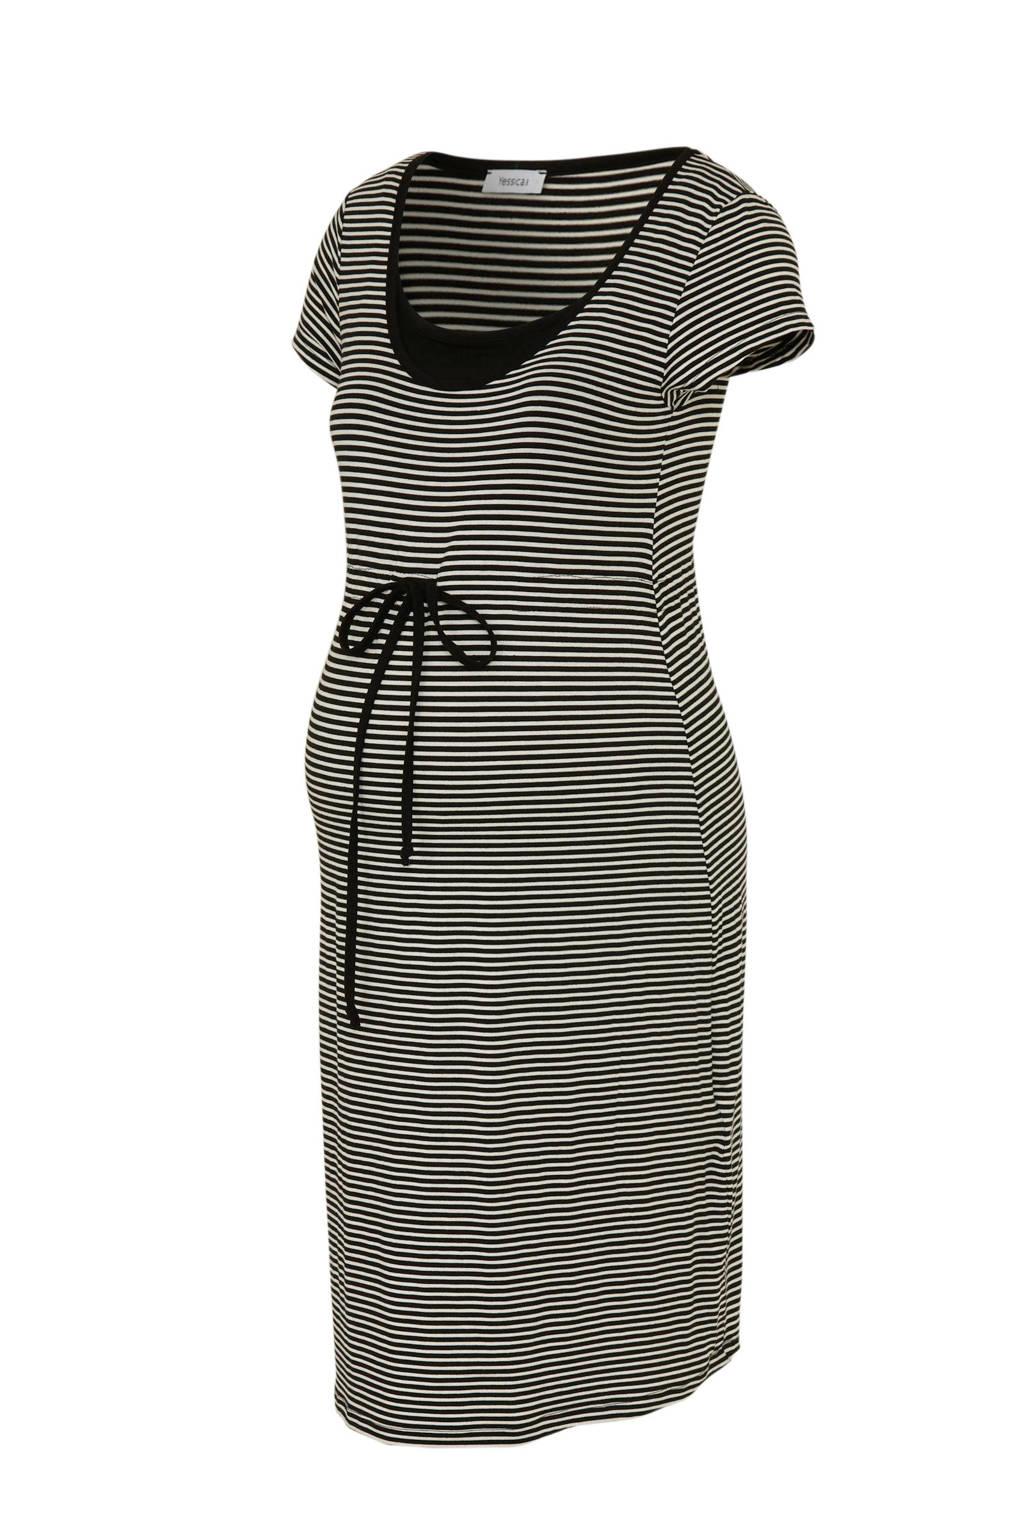 C&A Yessica zwangerschap + positiekleding gestreepte jurk zwart, Zwart/wit